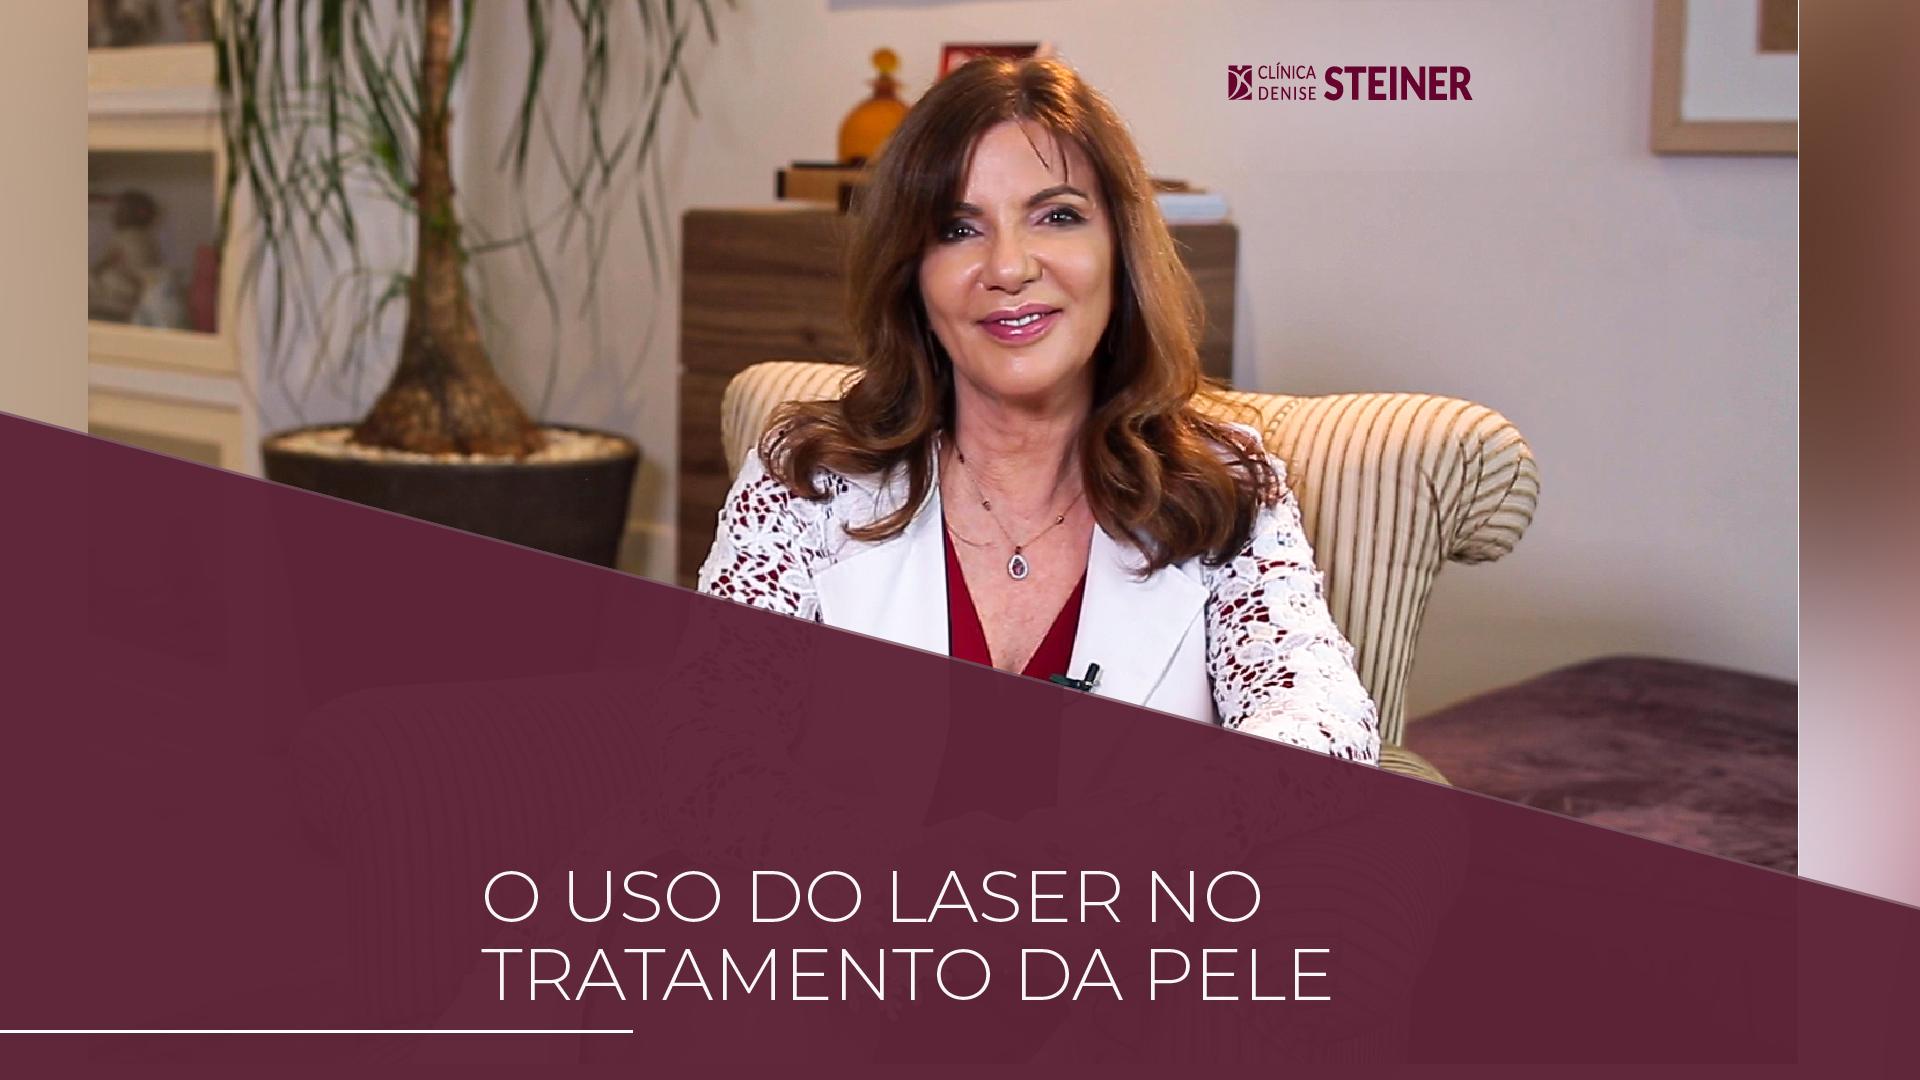 Os lasers são tecnologias que nos permitem tratar muitas queixas. Conheça algumas dessas possibilidades.